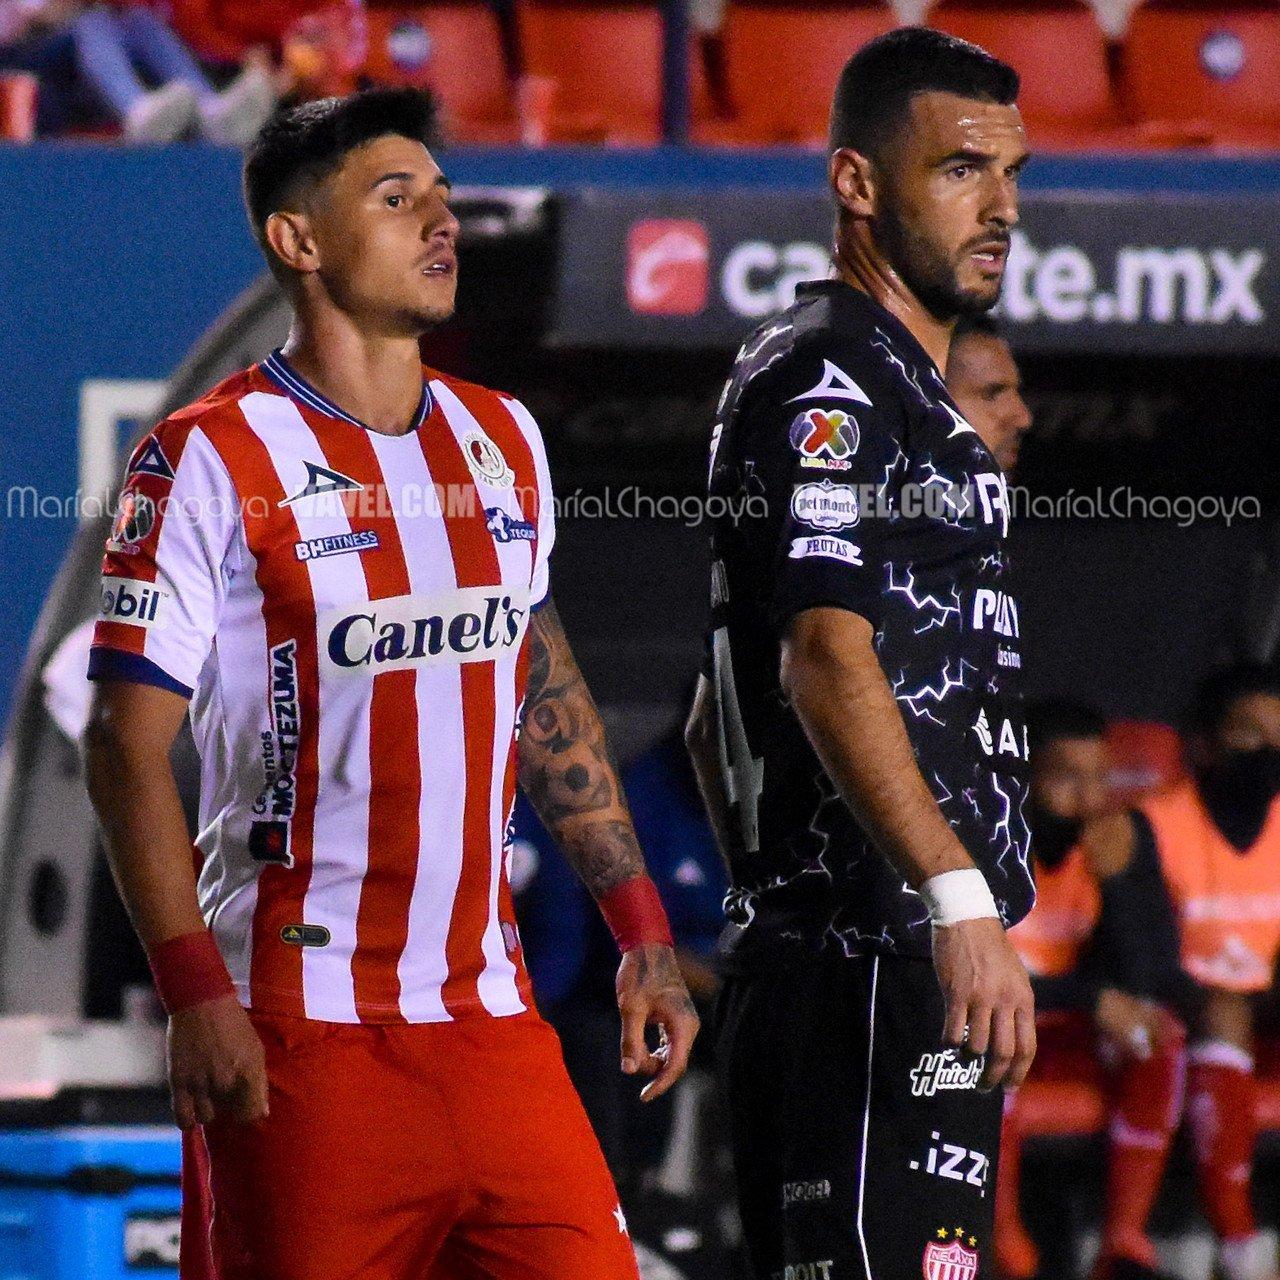 Las cinco del Rayo: jornada 4 del Apertura 2021